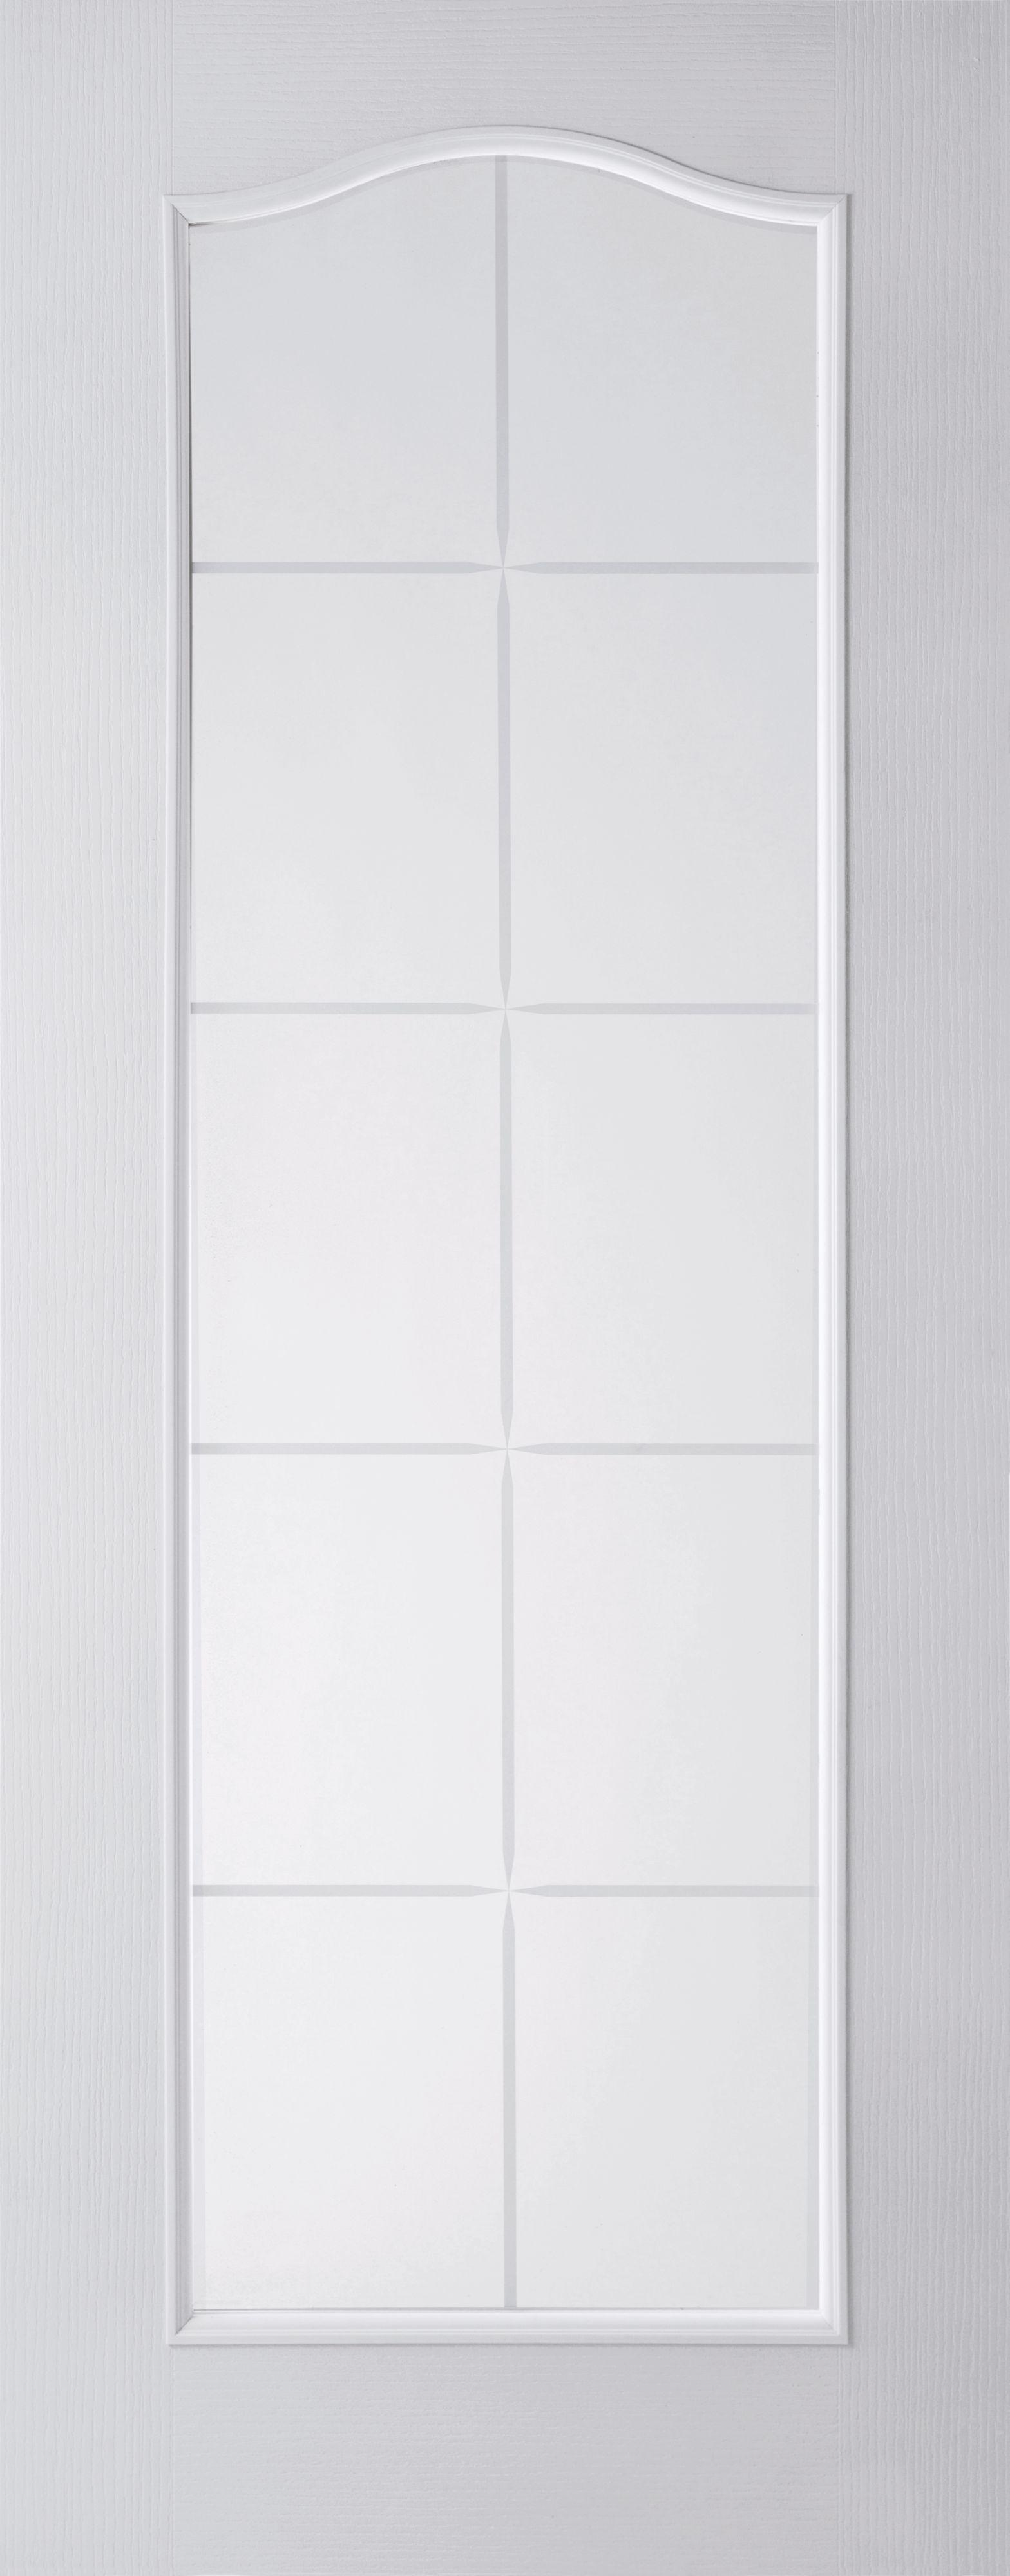 Fully Glazed Arched 10 Lite Primed Glazed Internal Standard Door, (h)1981mm (w)762mm